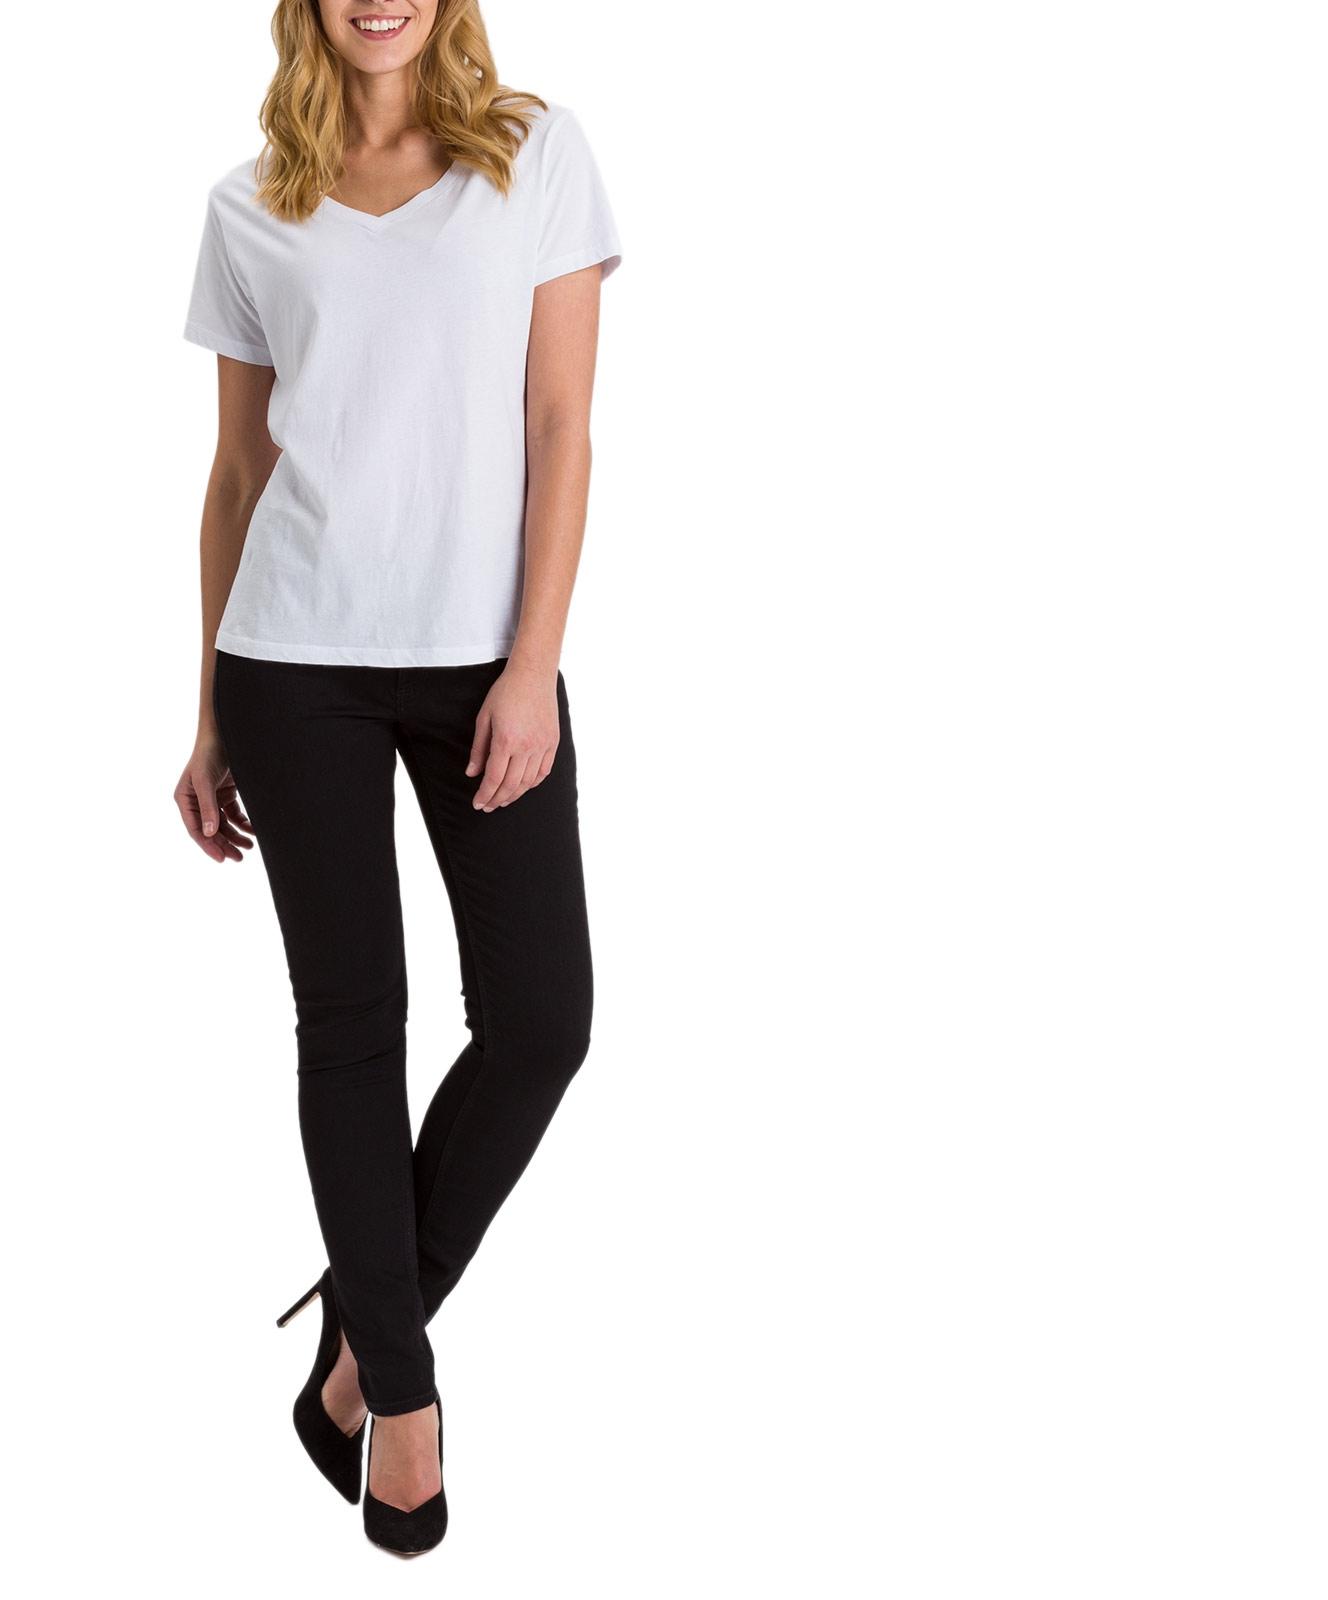 Hosen - Cross Skinny Jeans Alan in Black  - Onlineshop Jeans Meile